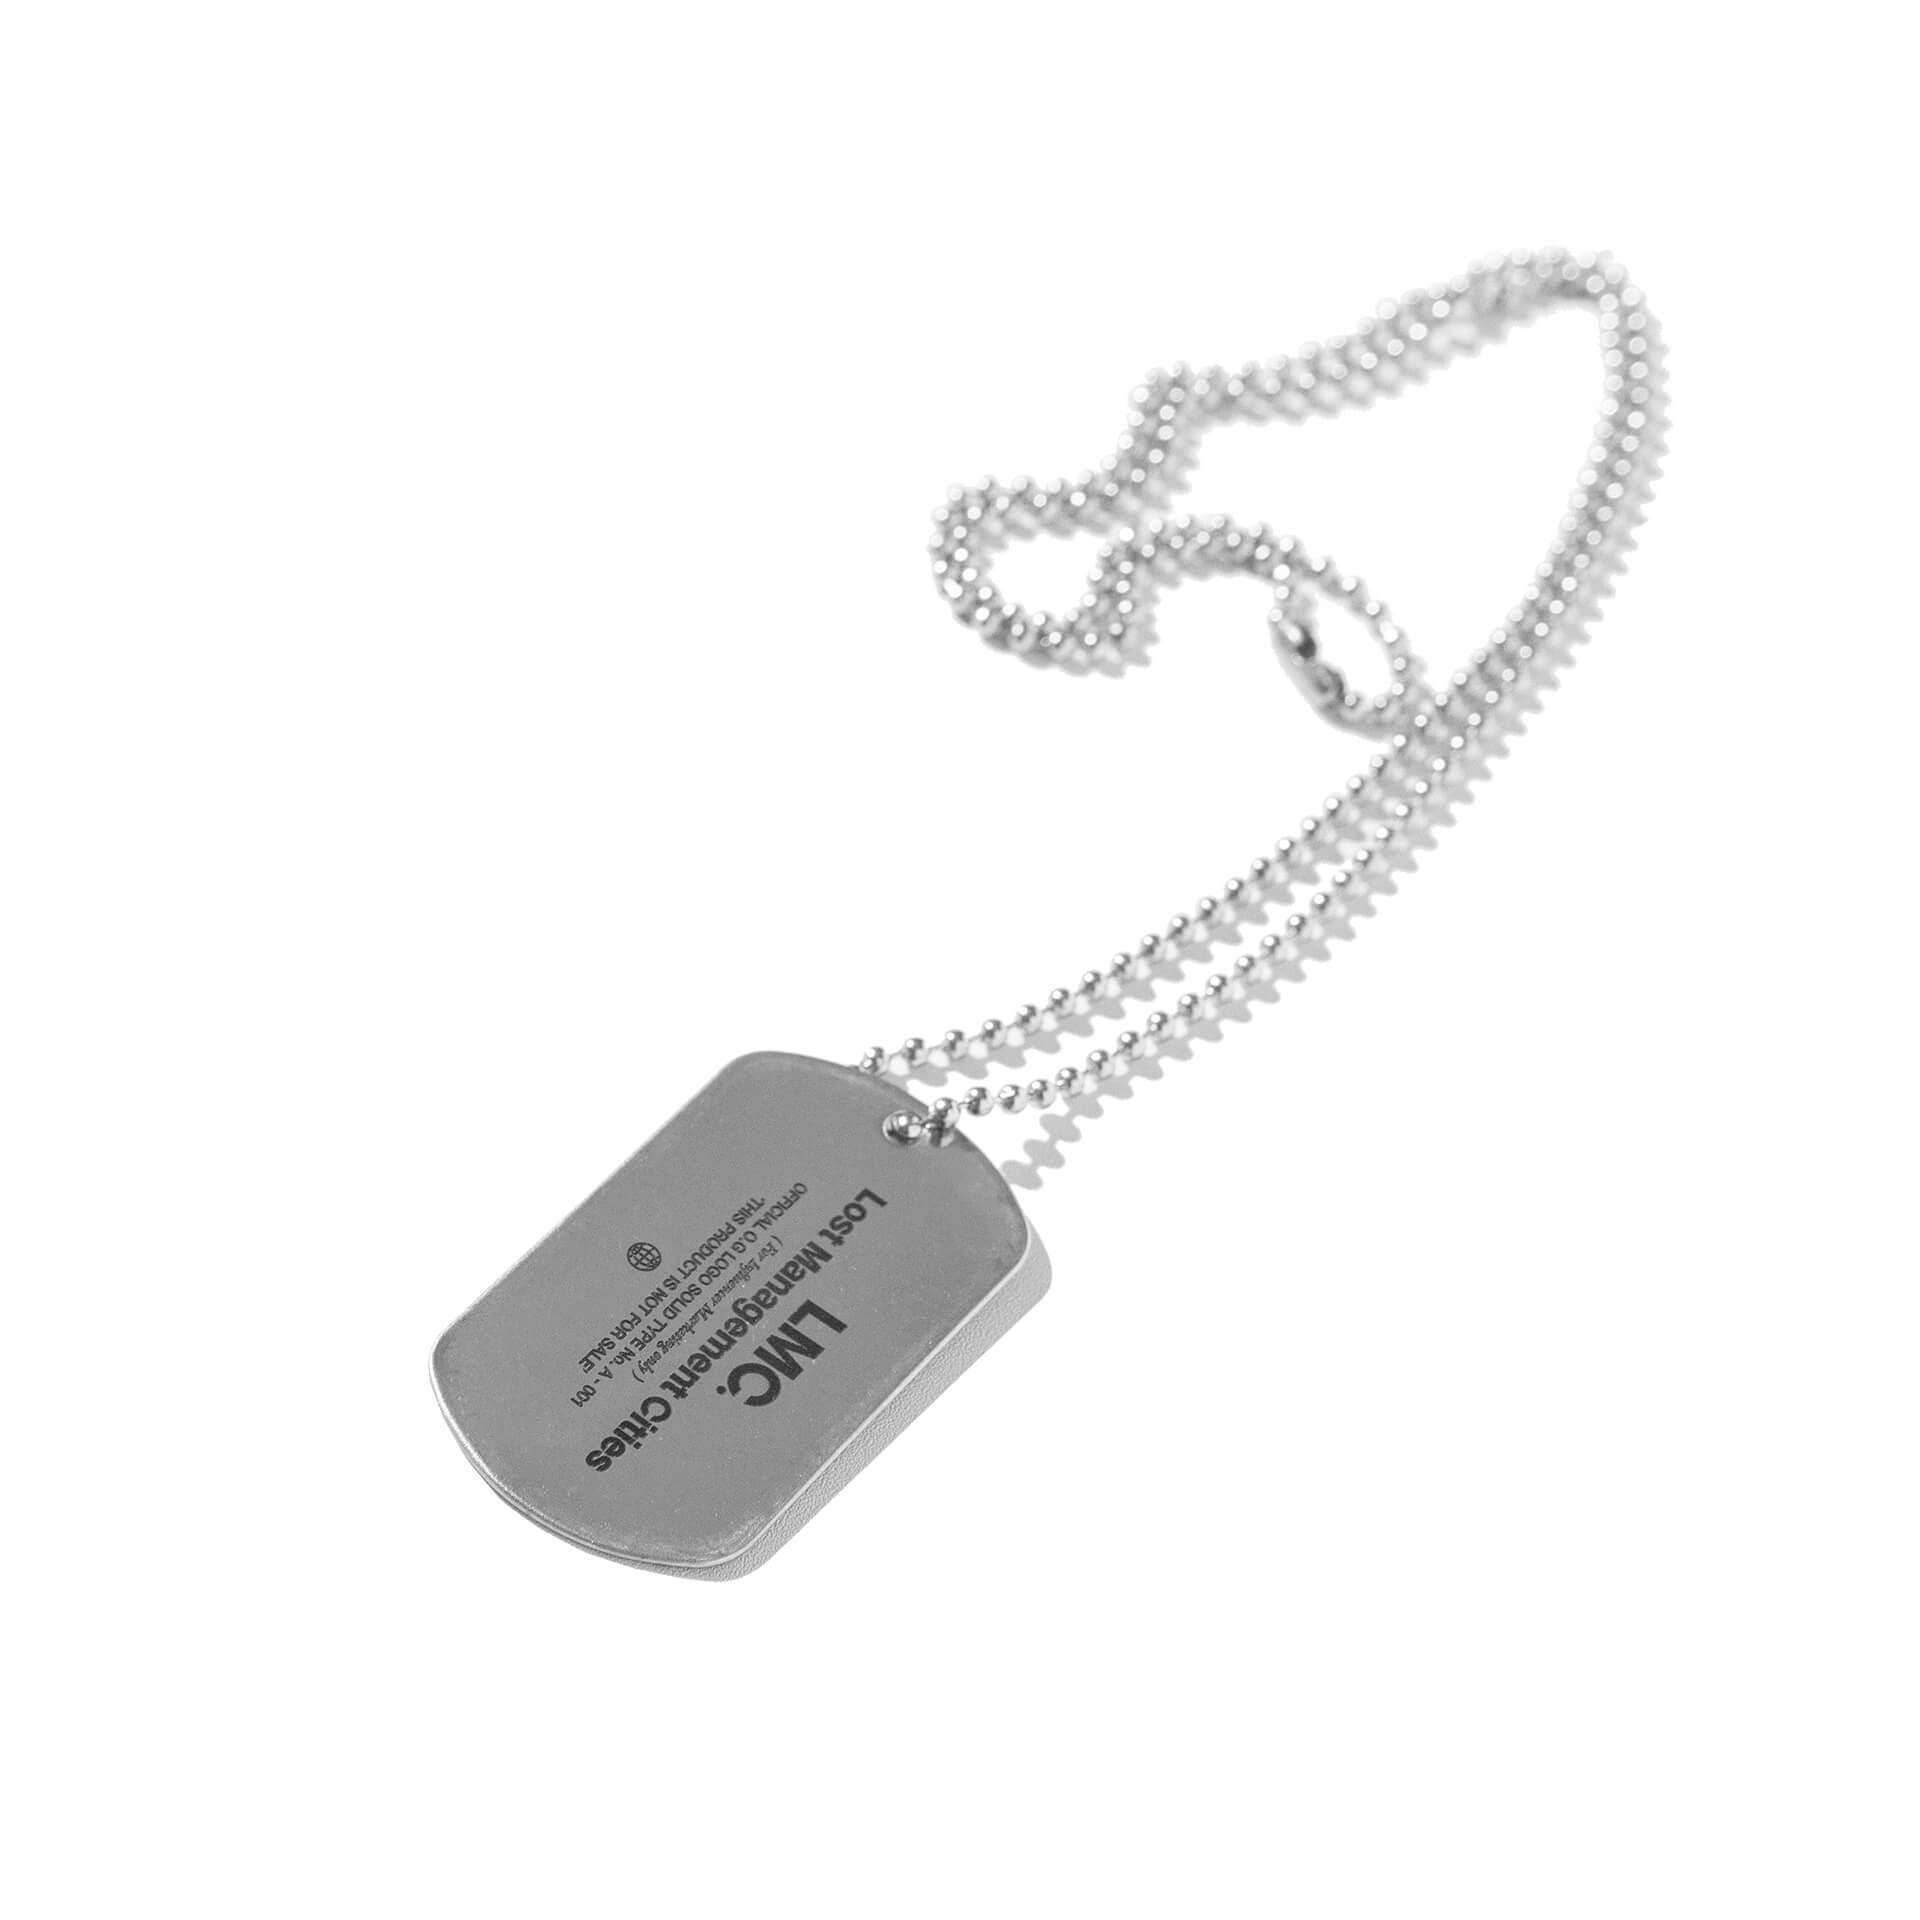 엘엠씨(LMC) LMC INFLUENCER DOG TAG REMADE BY LMC silver